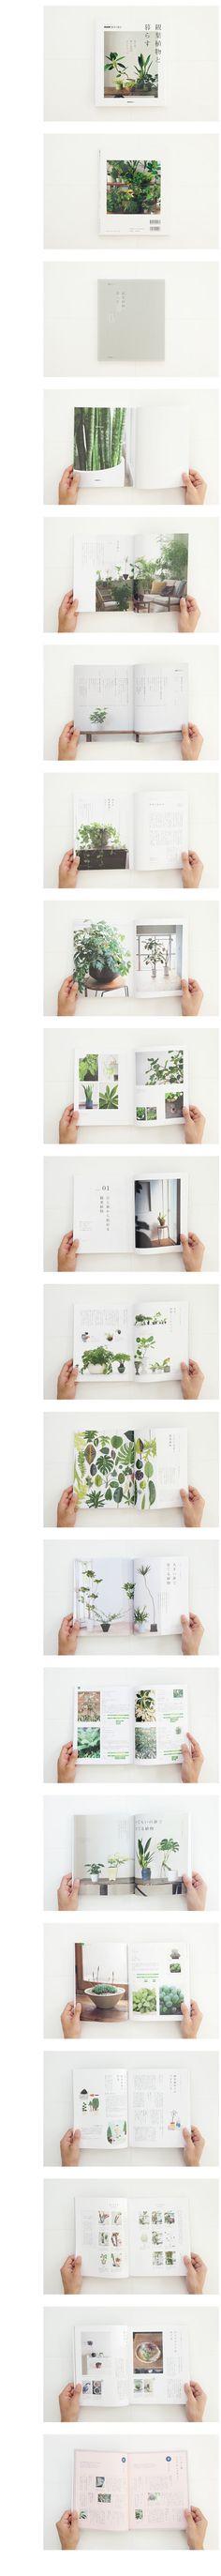 beautiful magazine layout